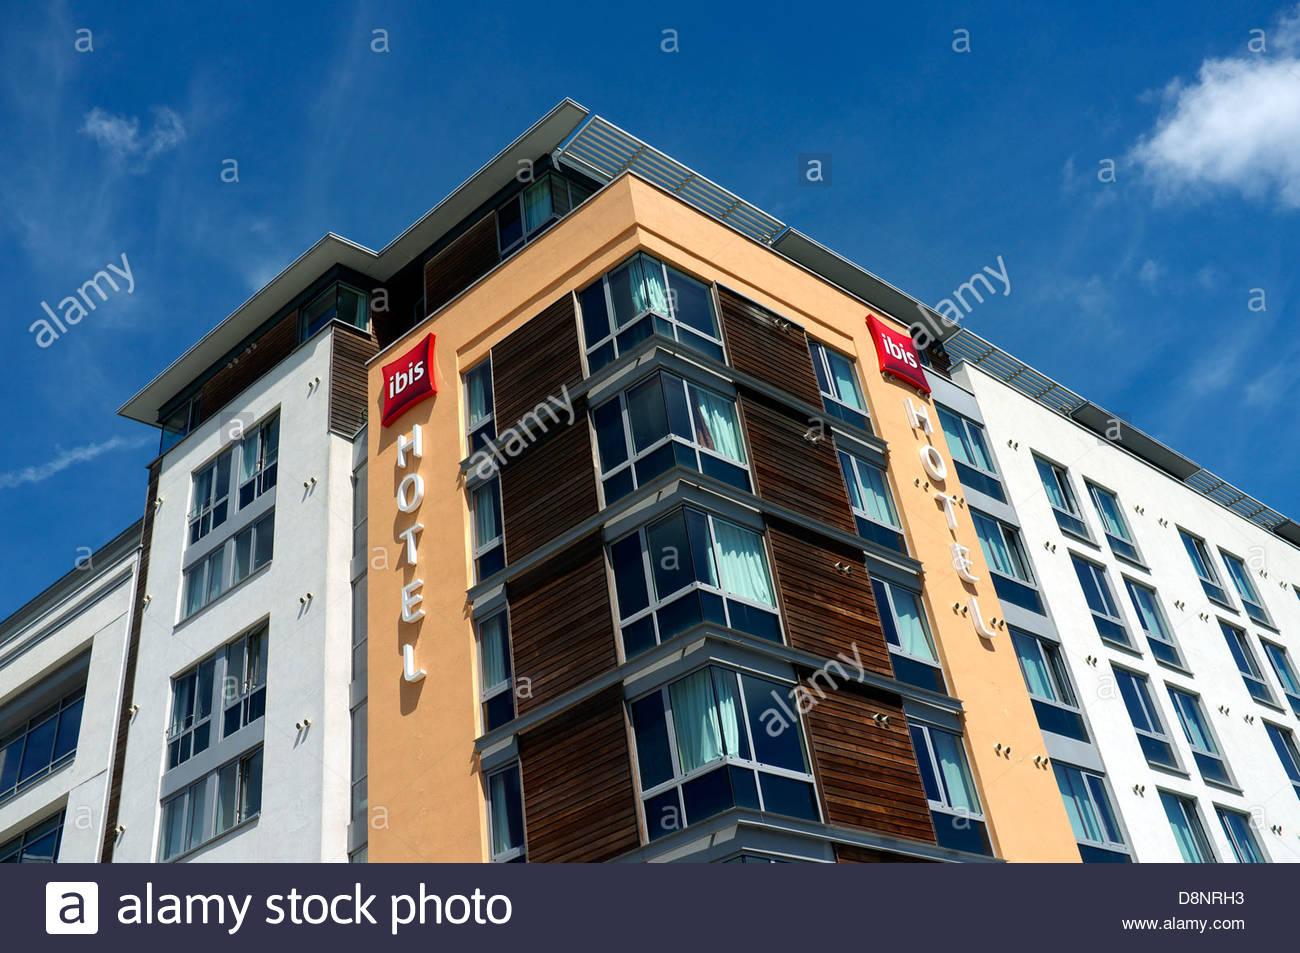 Ibis Hotel in Temple Quay, Bristol, UK. - Stock Image